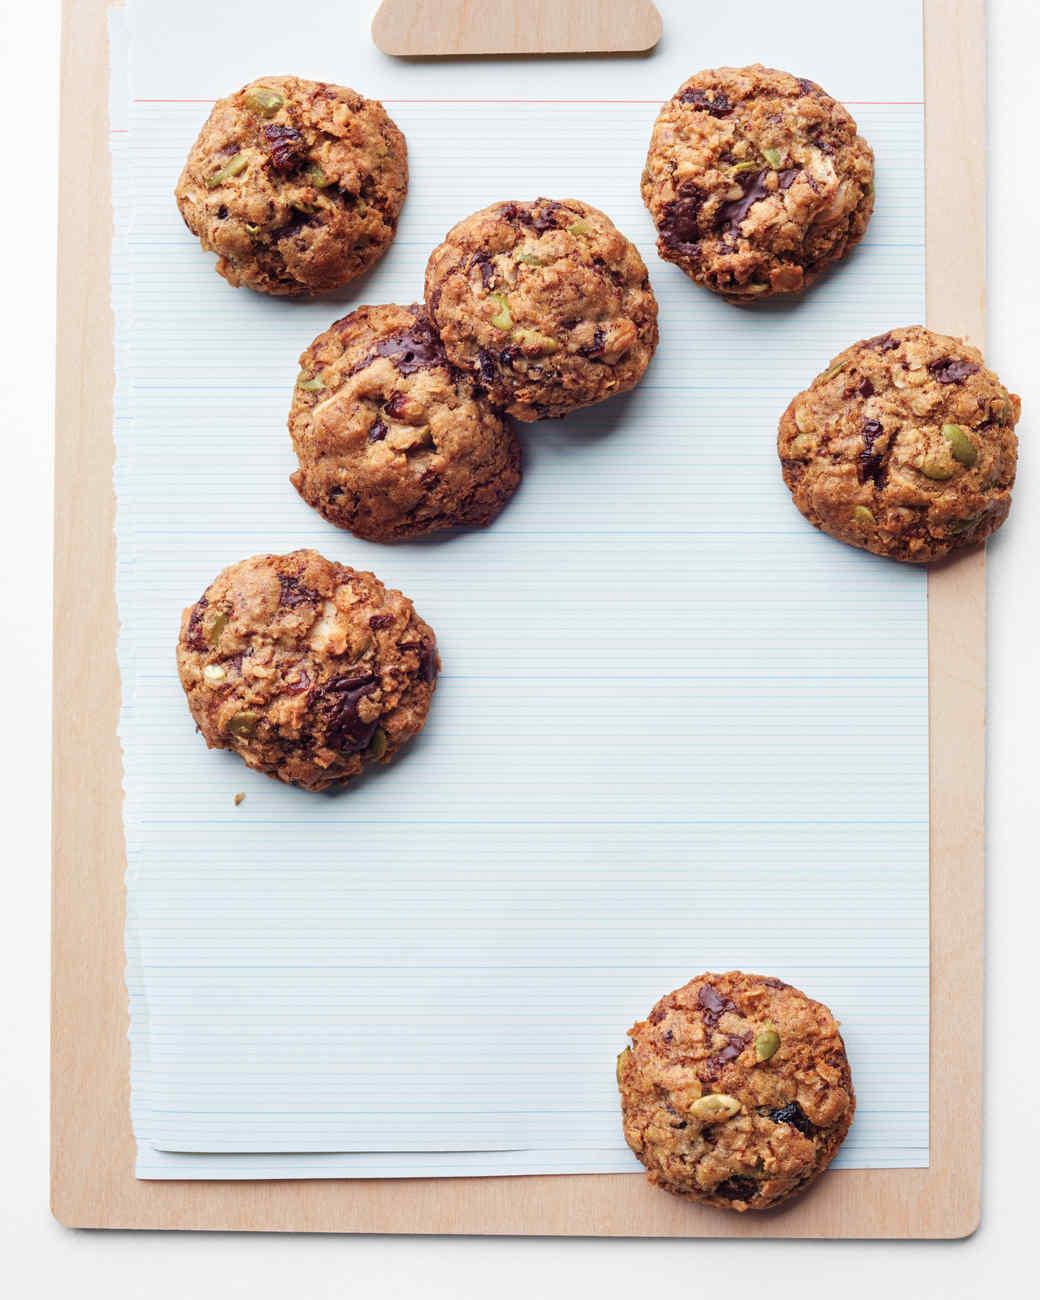 granola-cookies-008-d111260.jpg